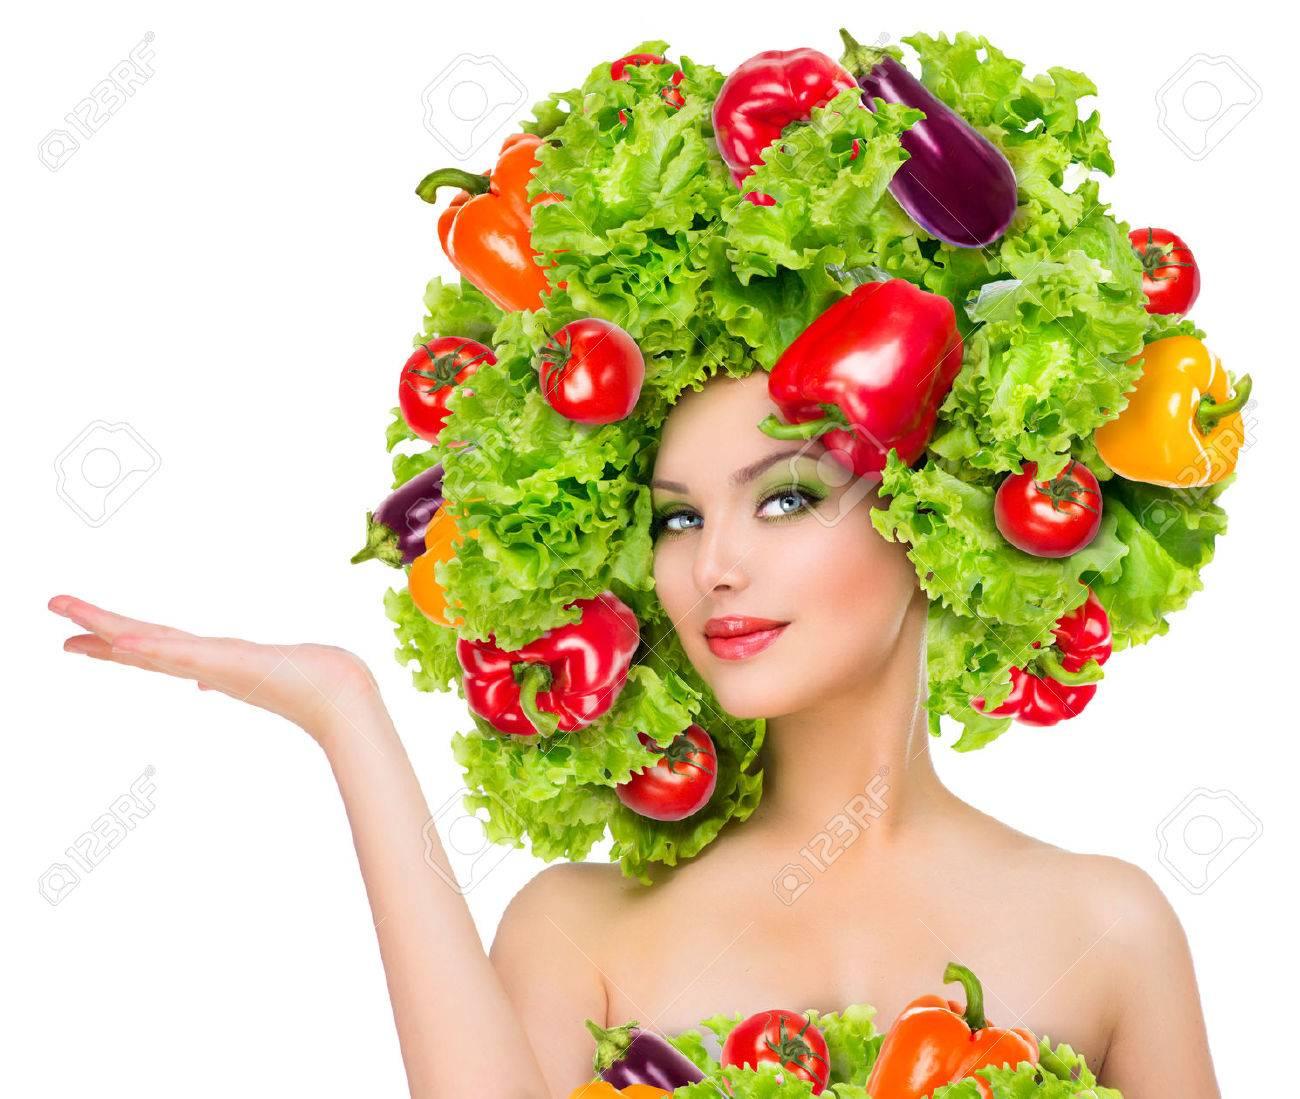 野菜髪型ダイエット概念と美しさの少女 写真素材 , 29660568